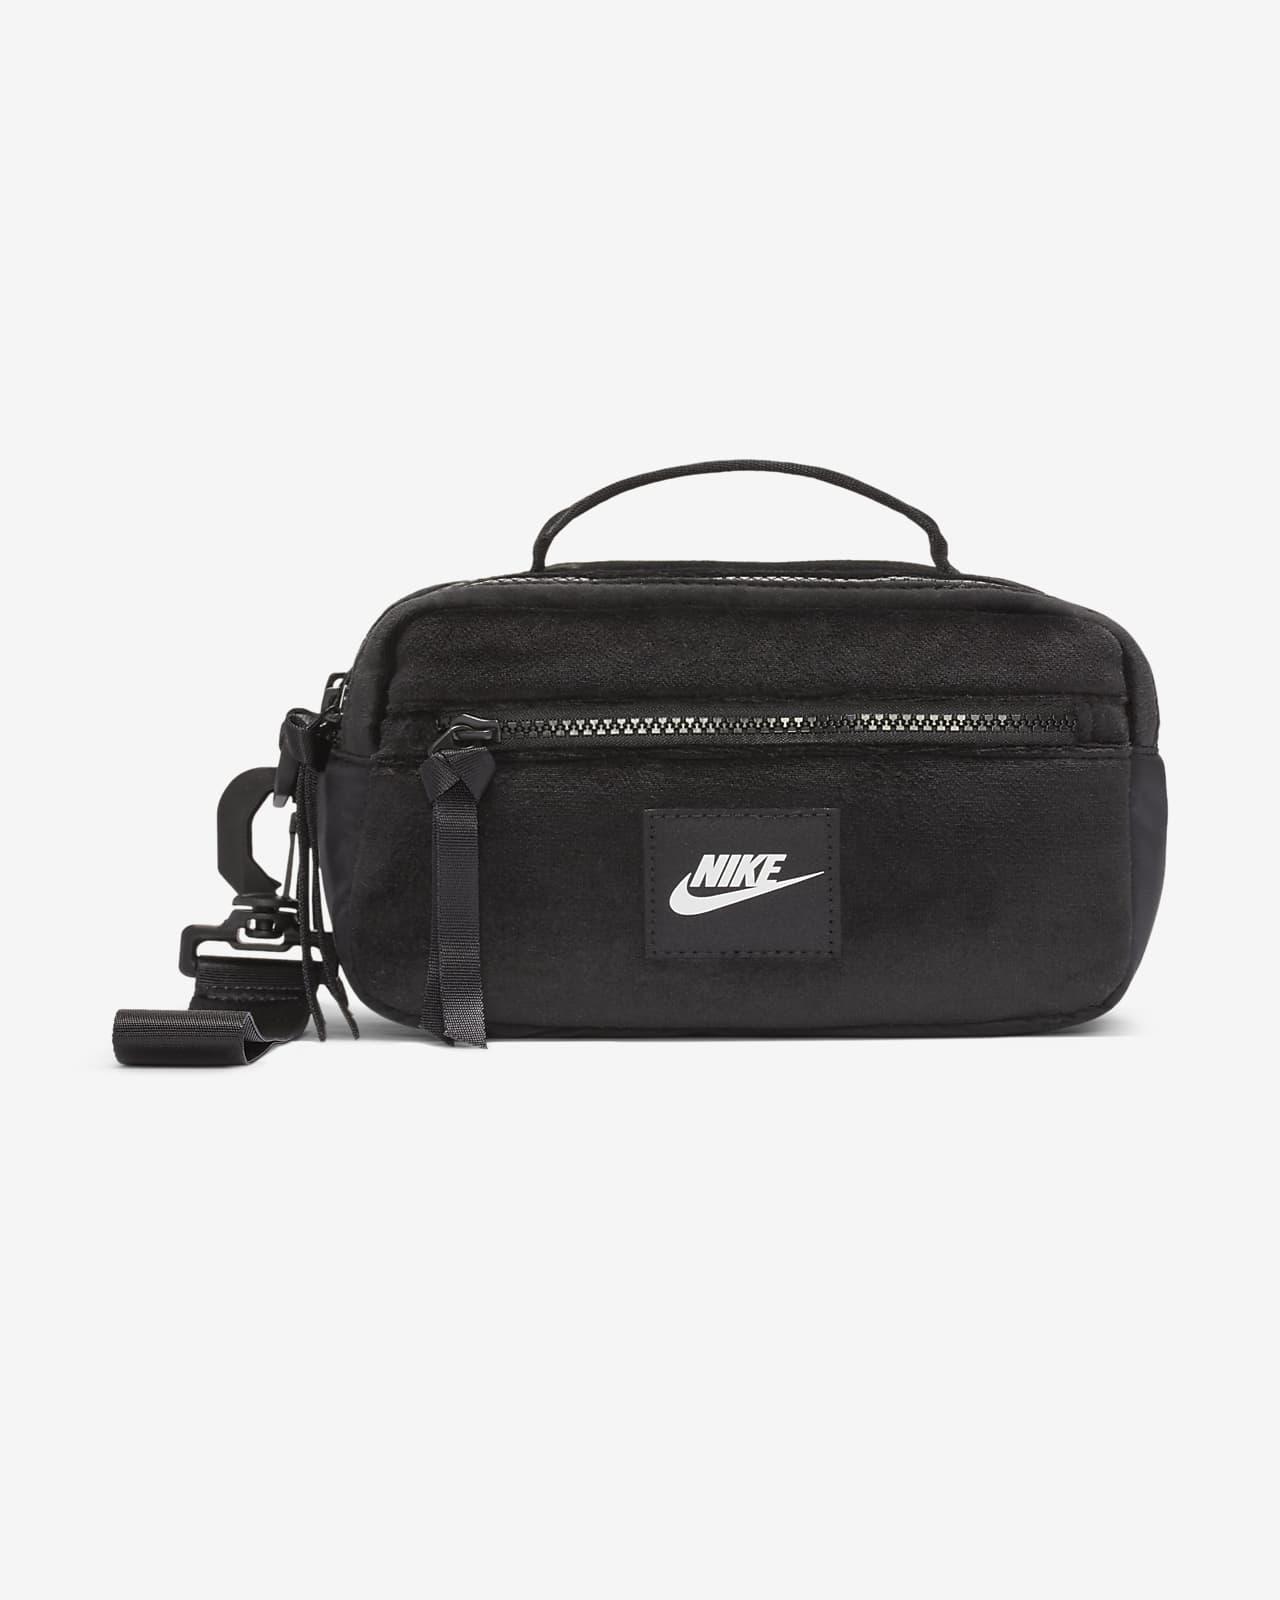 Väska Nike Sportswear för vintern